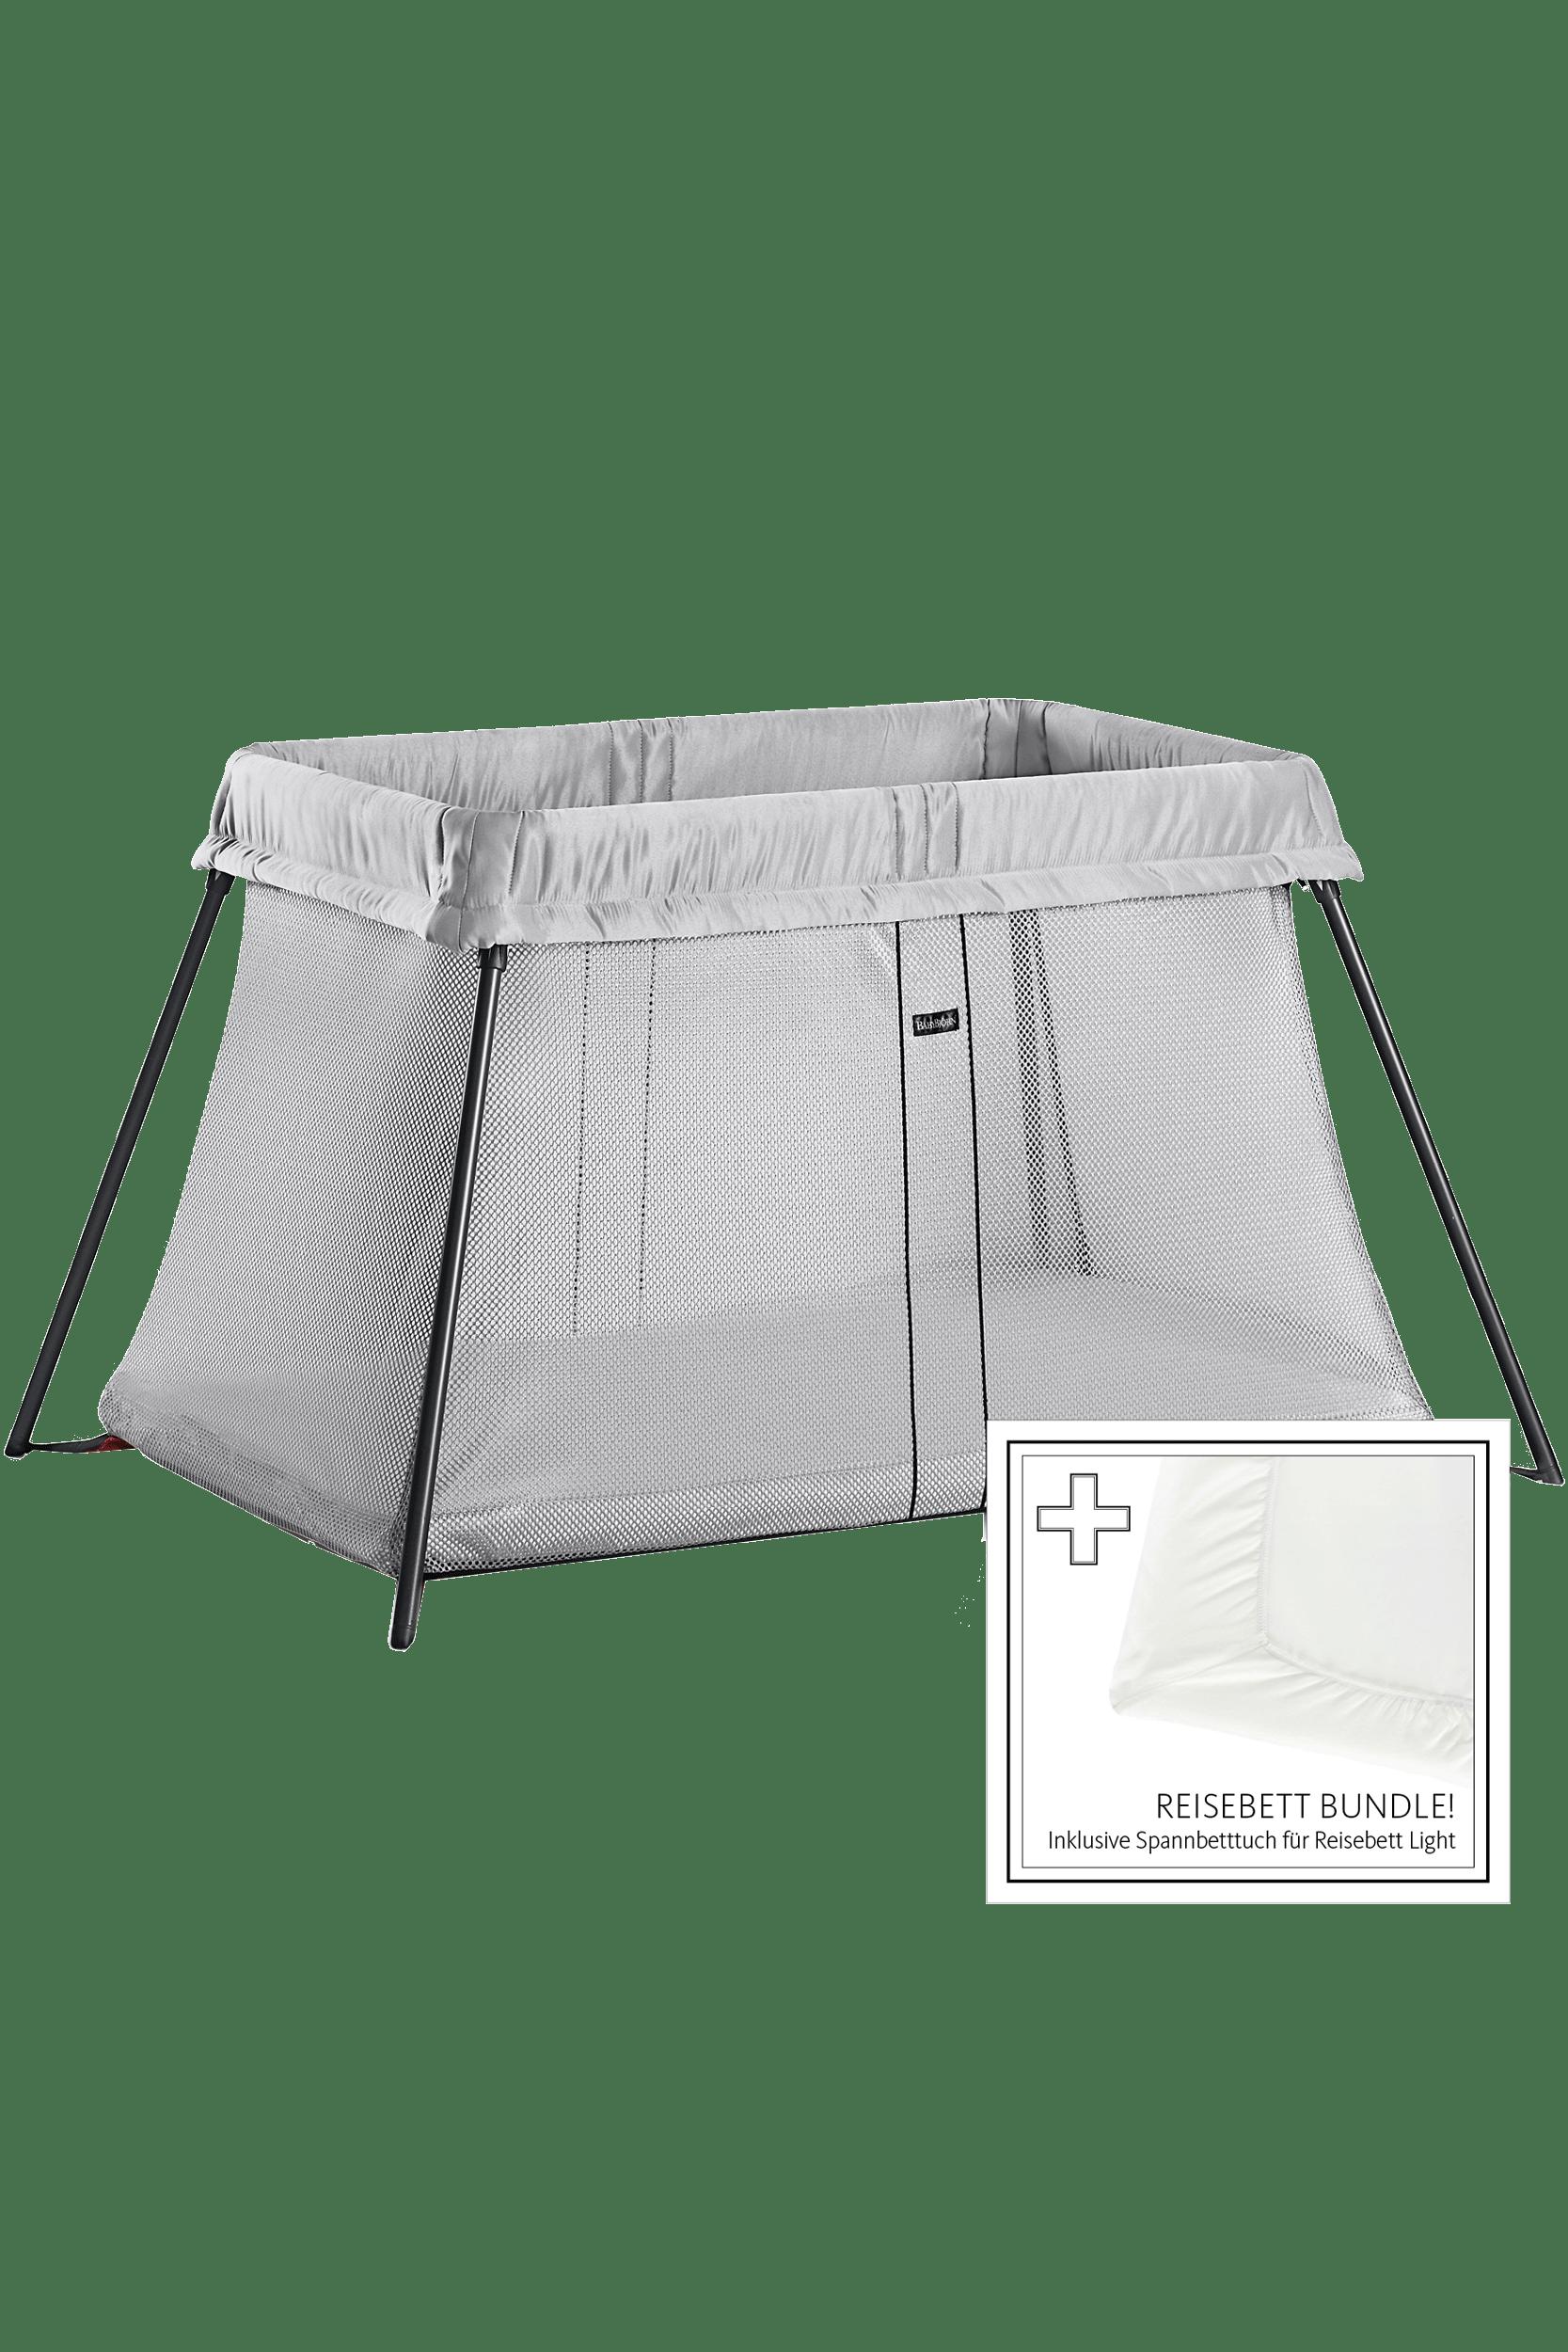 BABYBJÖRN Reisebett Light Silber mit Spannbettuch